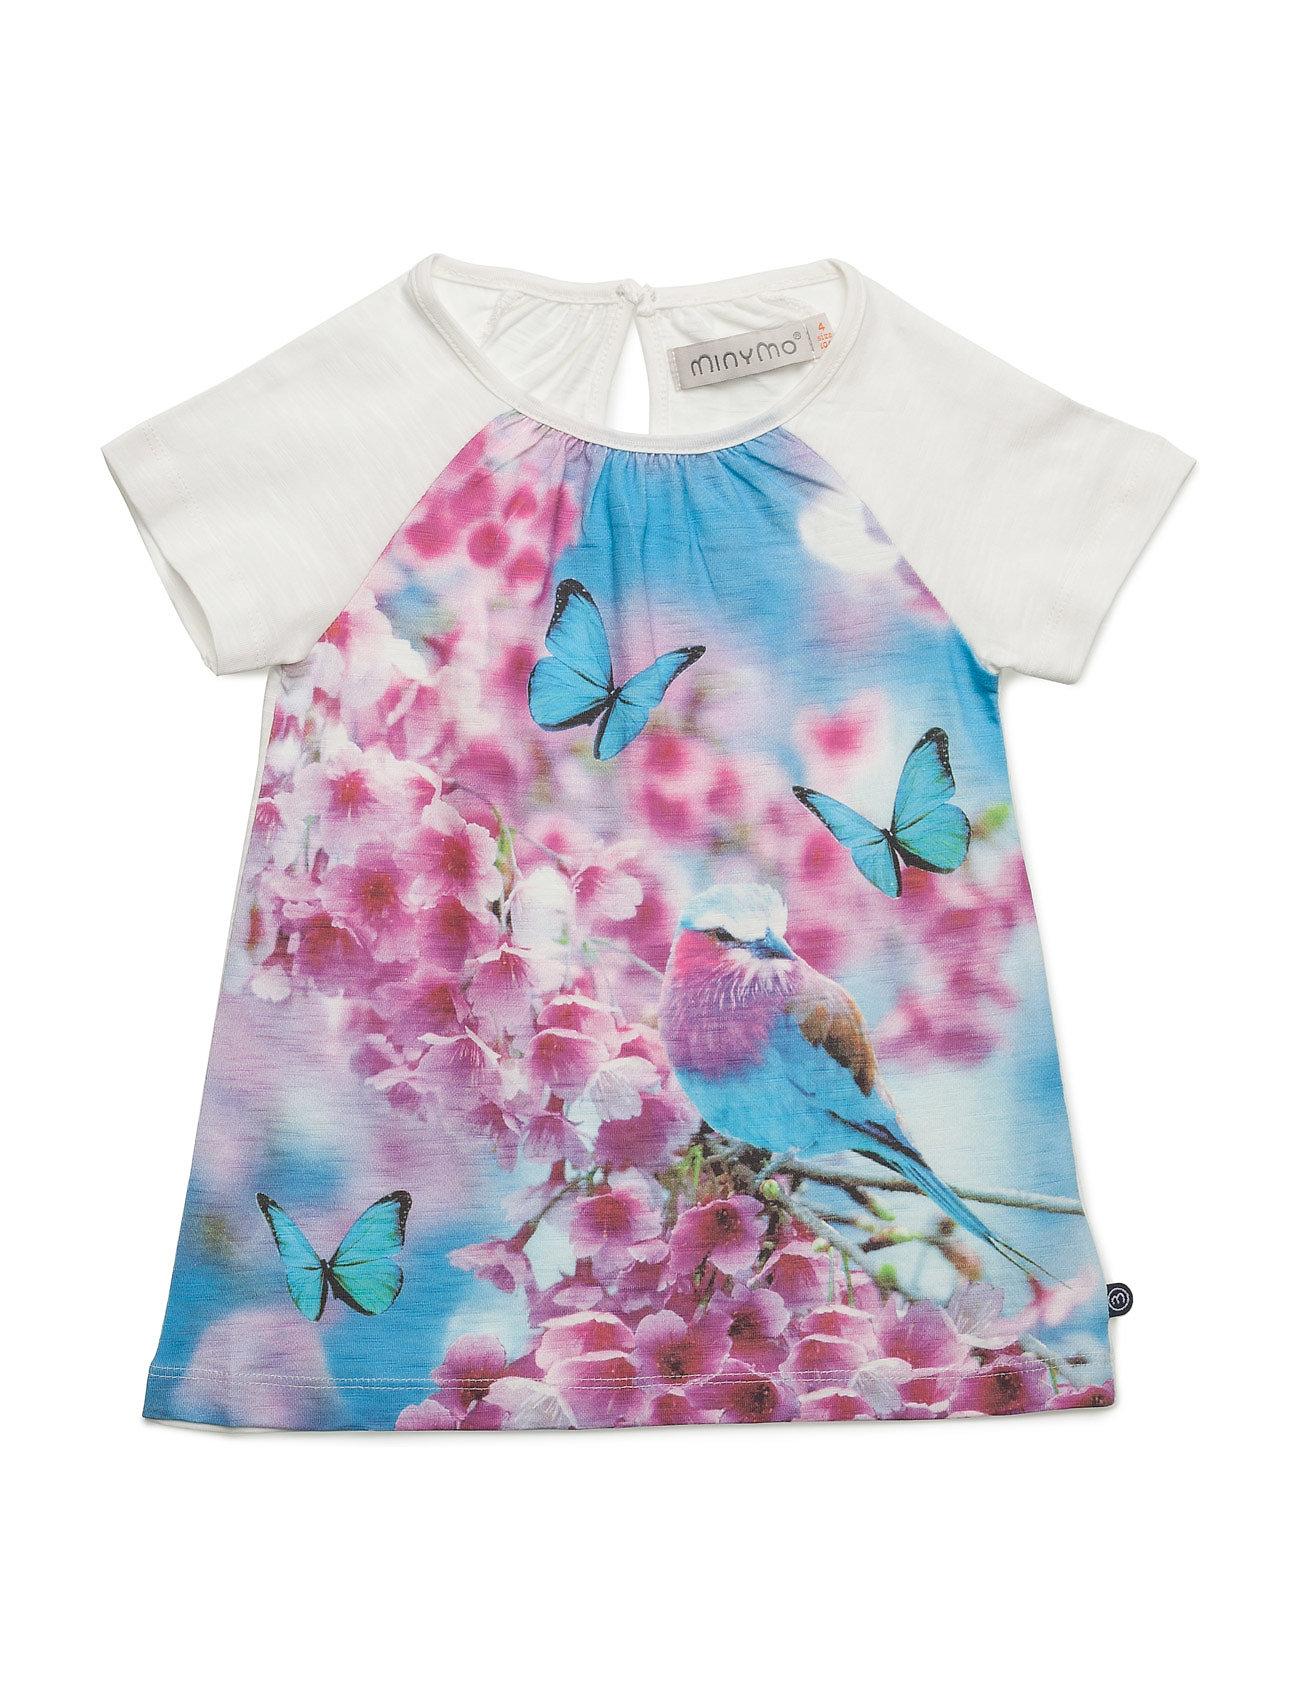 Kylie 76 -T-Shirt Ss W. Photo Minymo Kortærmede t-shirts til Børn i hvid